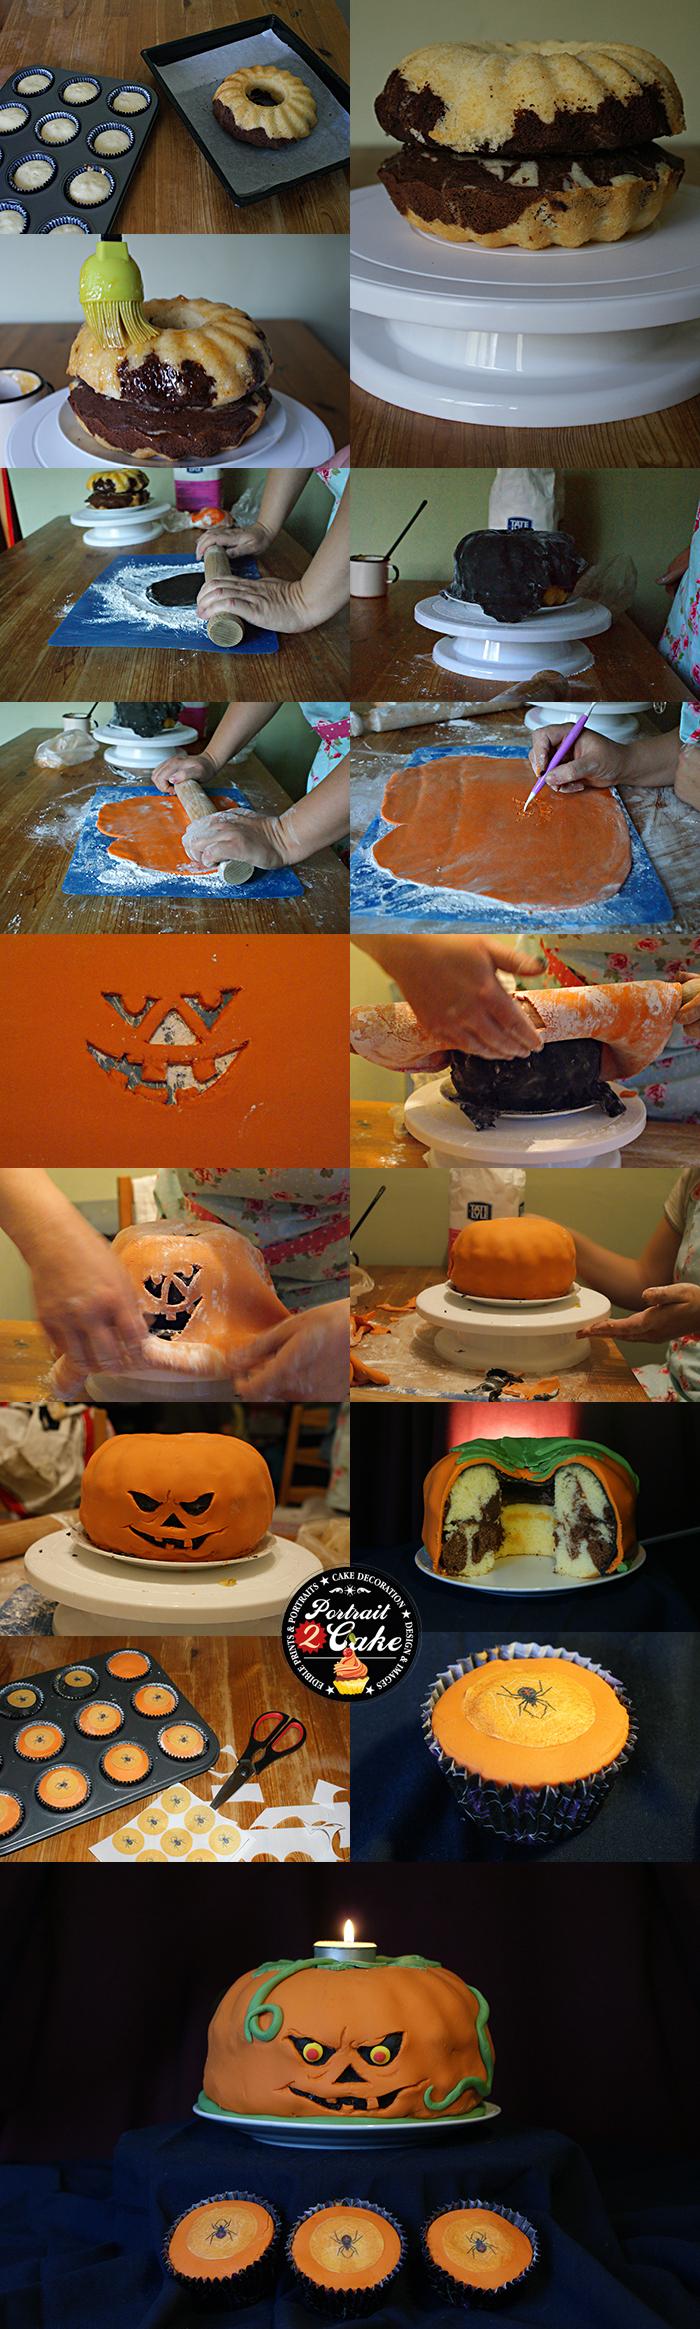 Halloween bundt cake icing tutorial